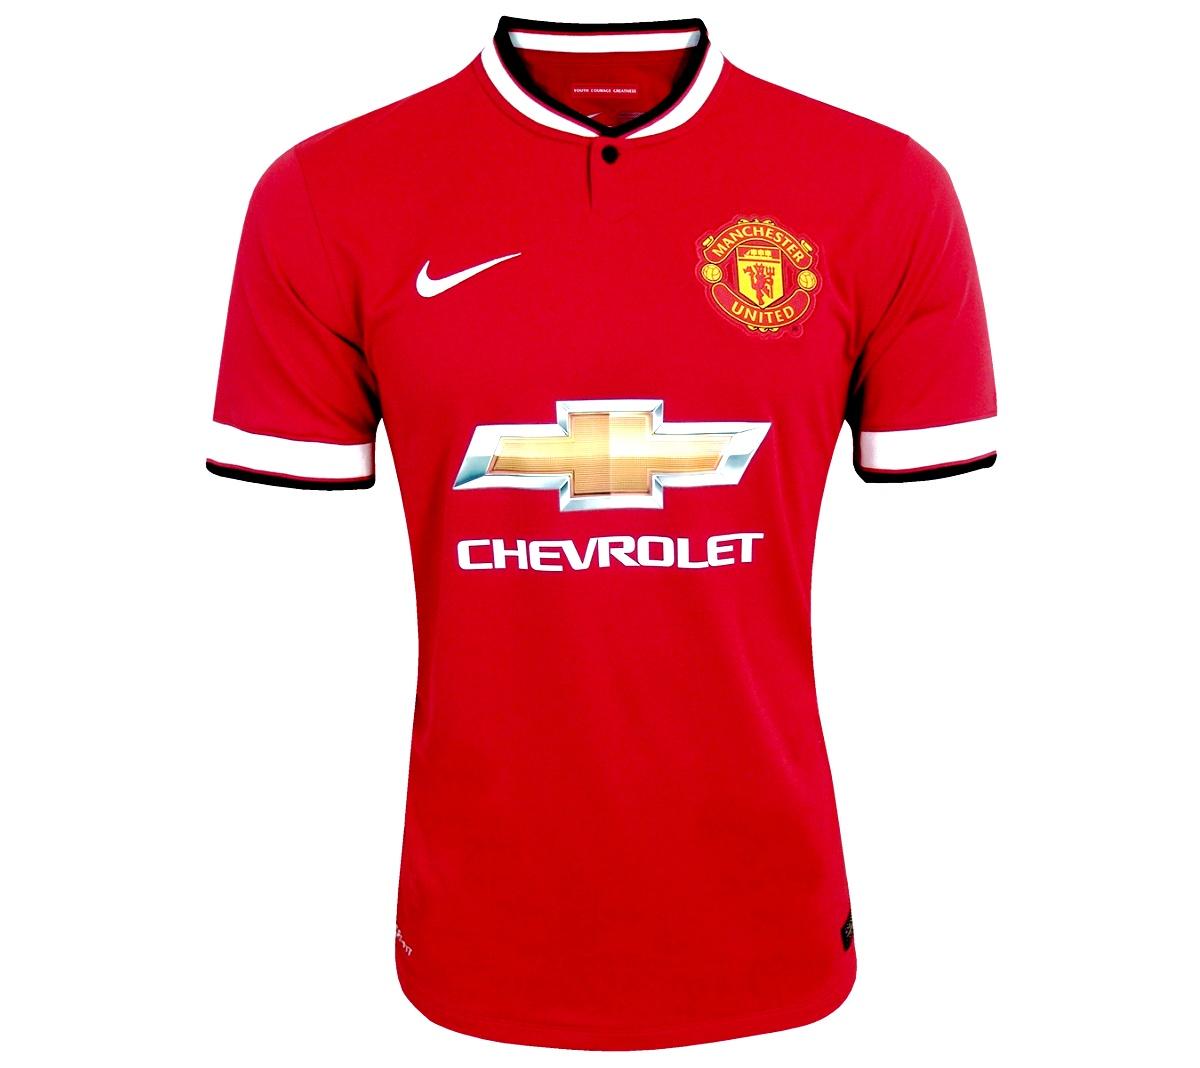 Camisa Manchester United I Nike Oficial 2014/15